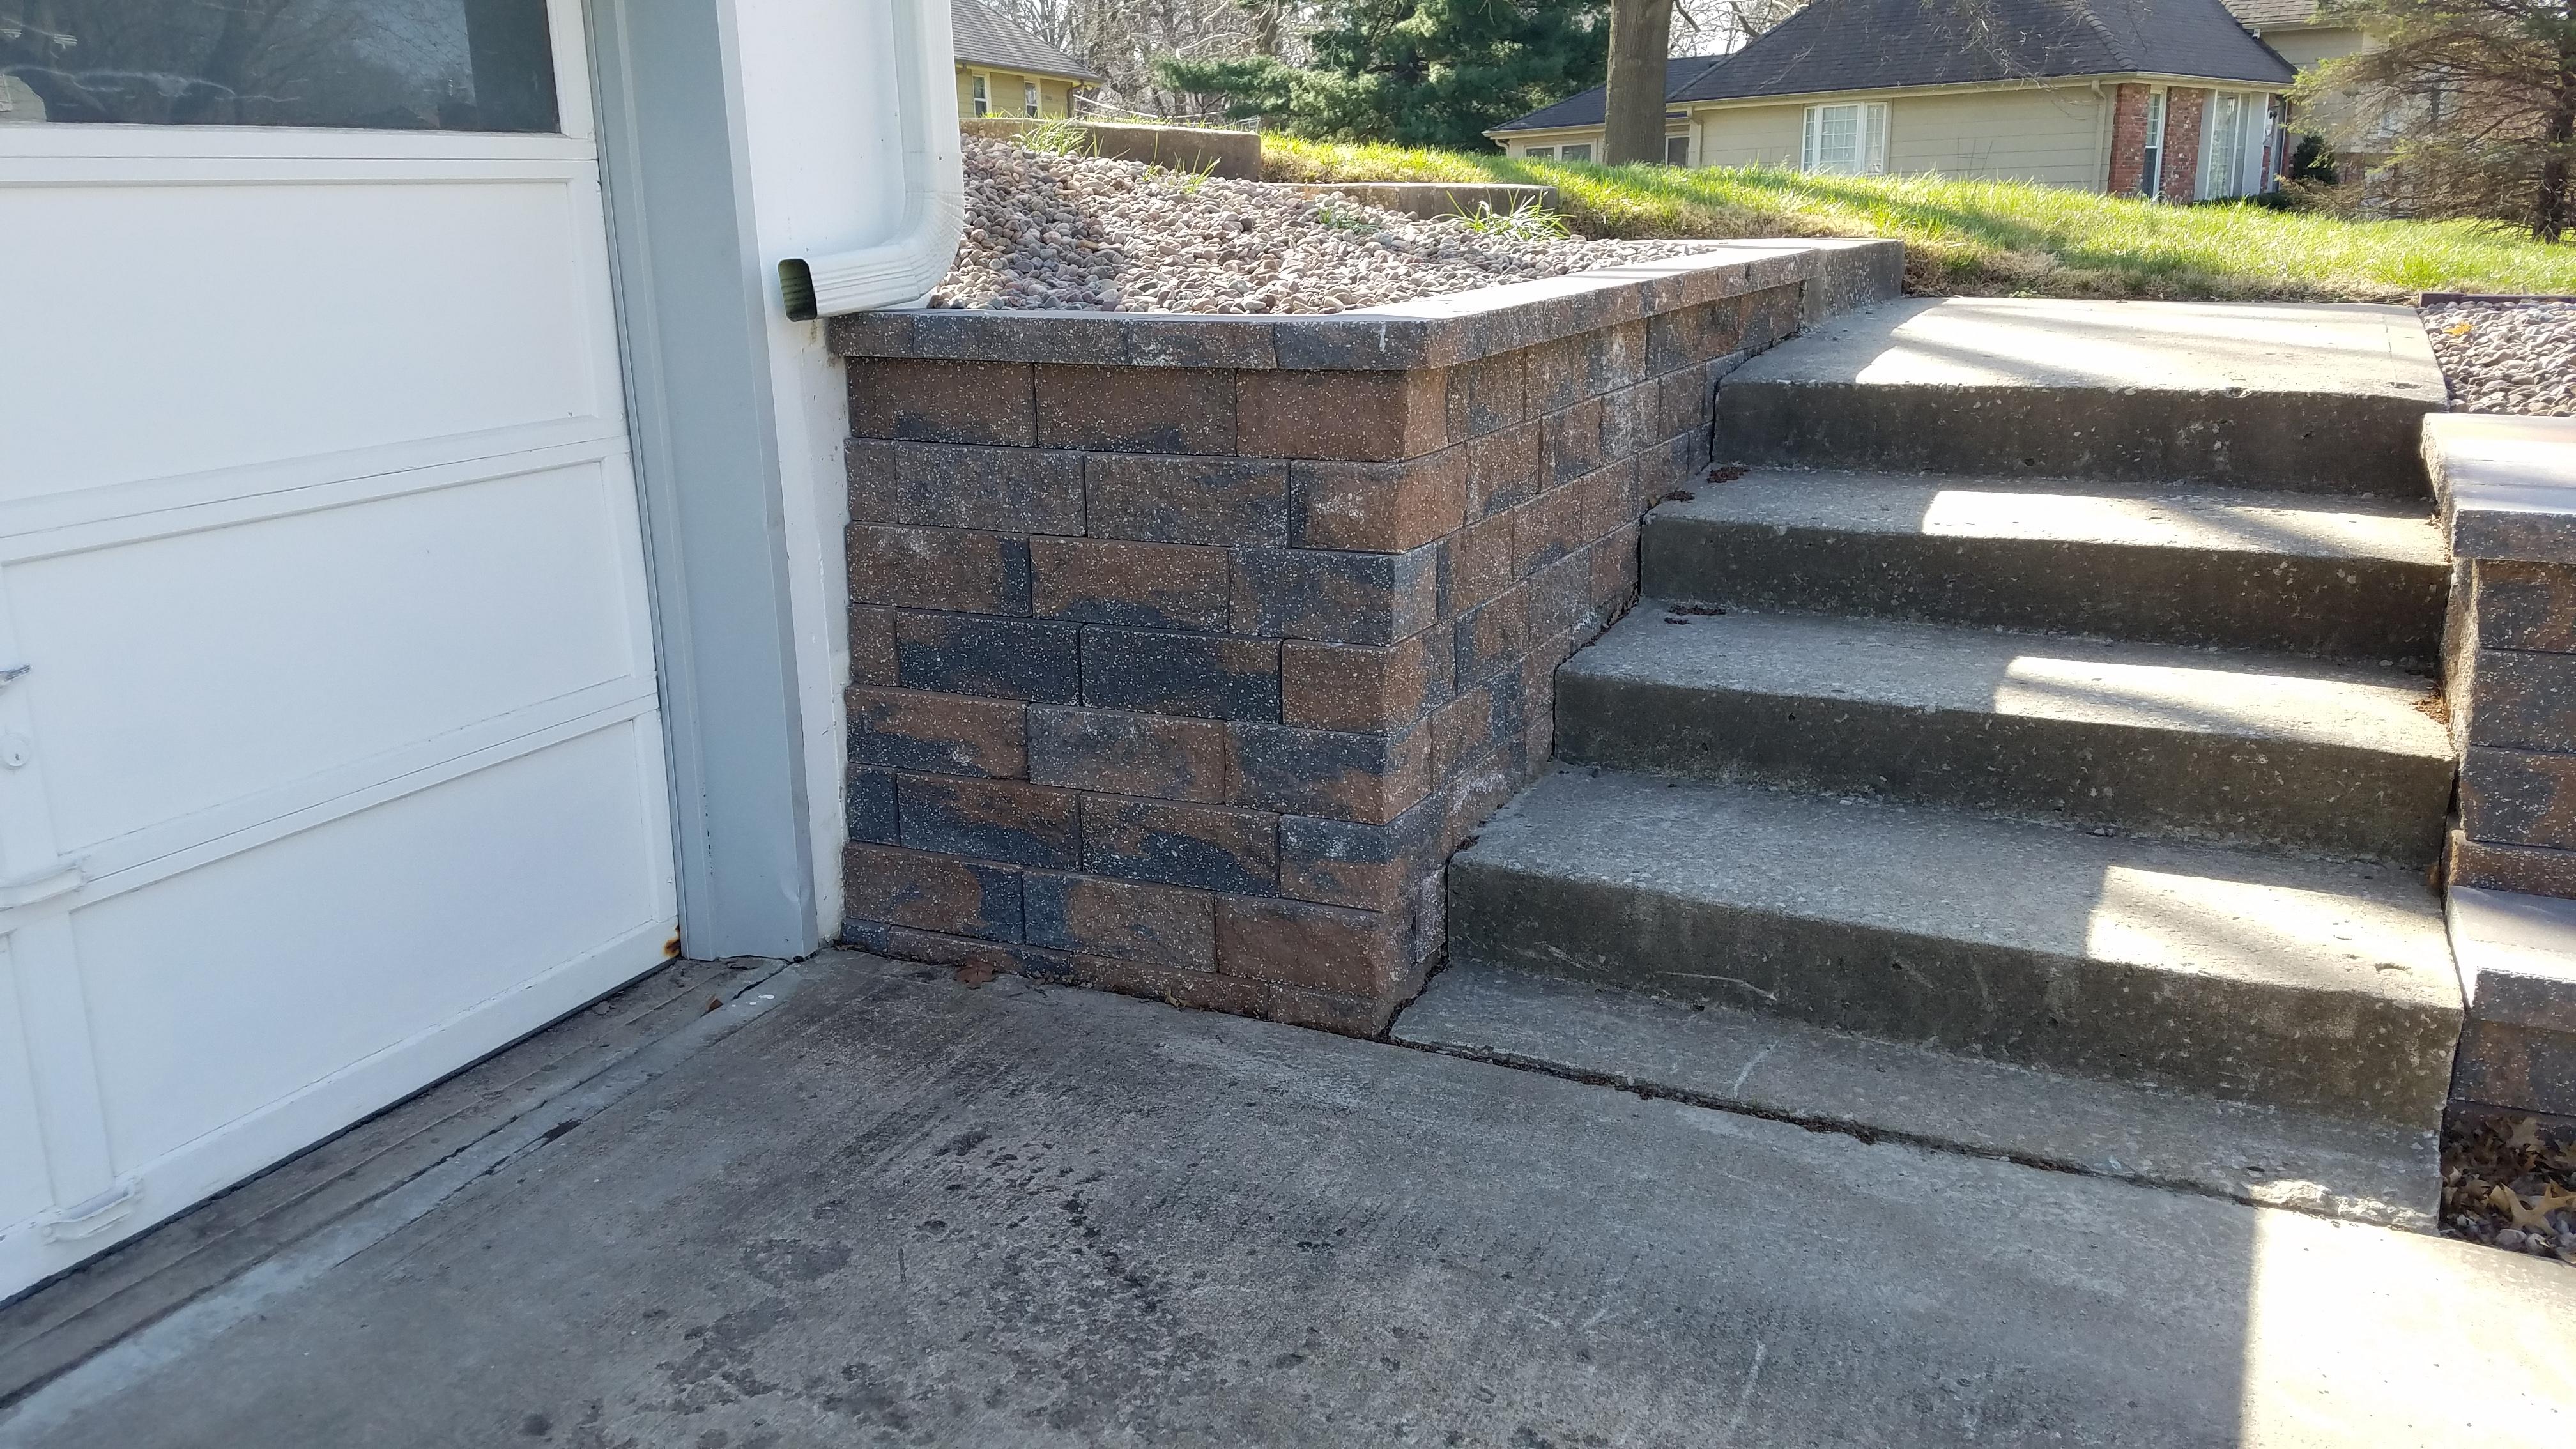 wall at steps